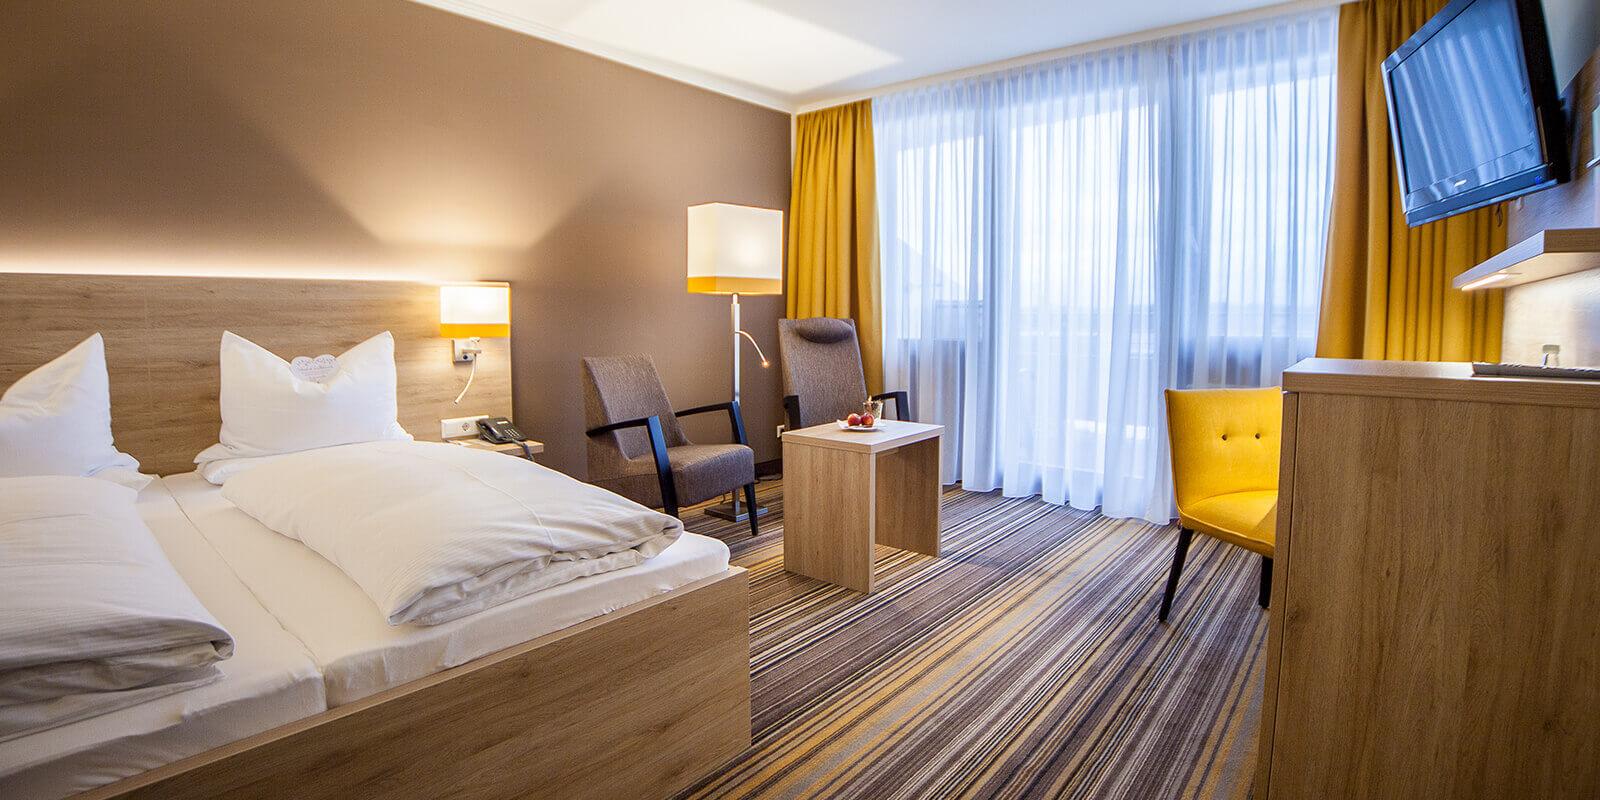 Doppelzimmer der Premiumklasse im Vier-Sterne-Hotel im Fichtelgebirge